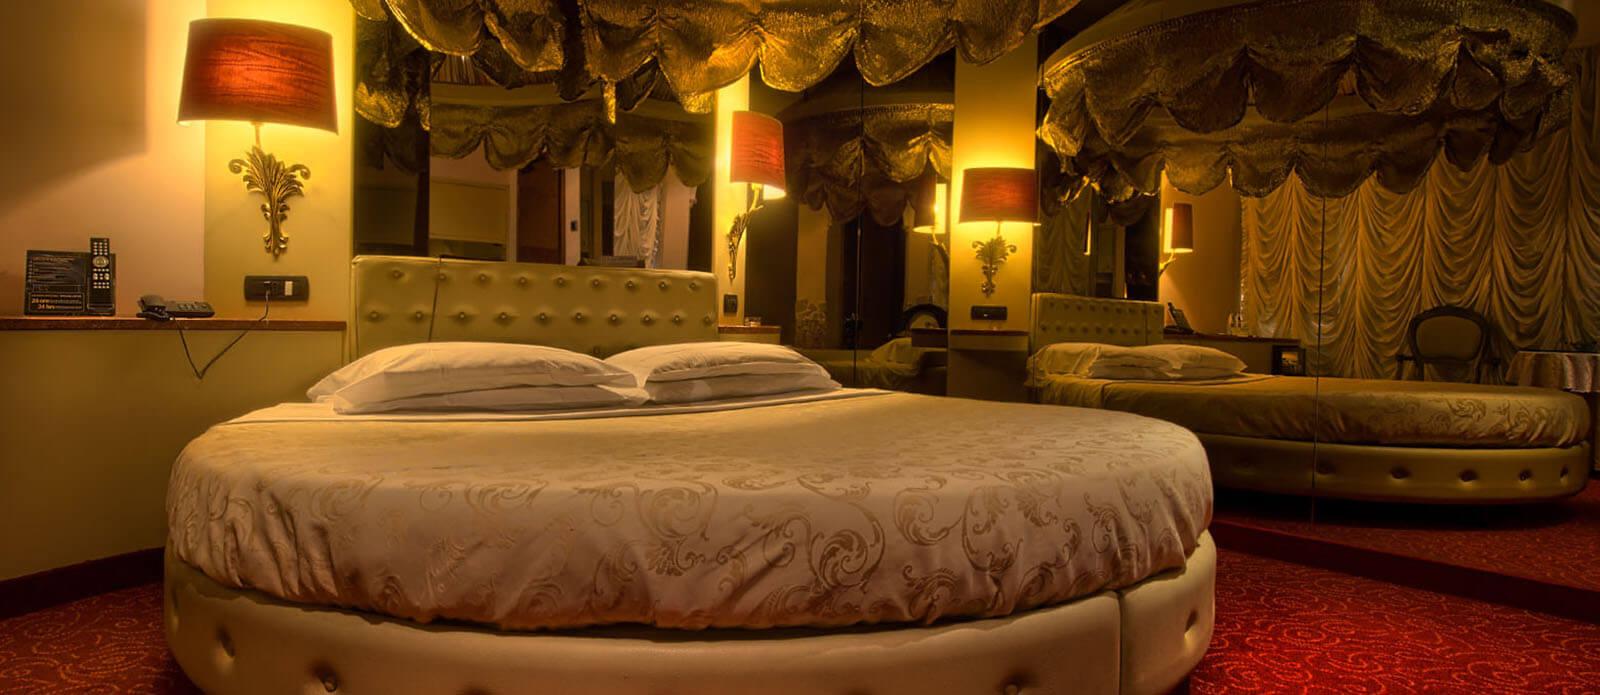 Motel k araba - Costo specchio a mq ...